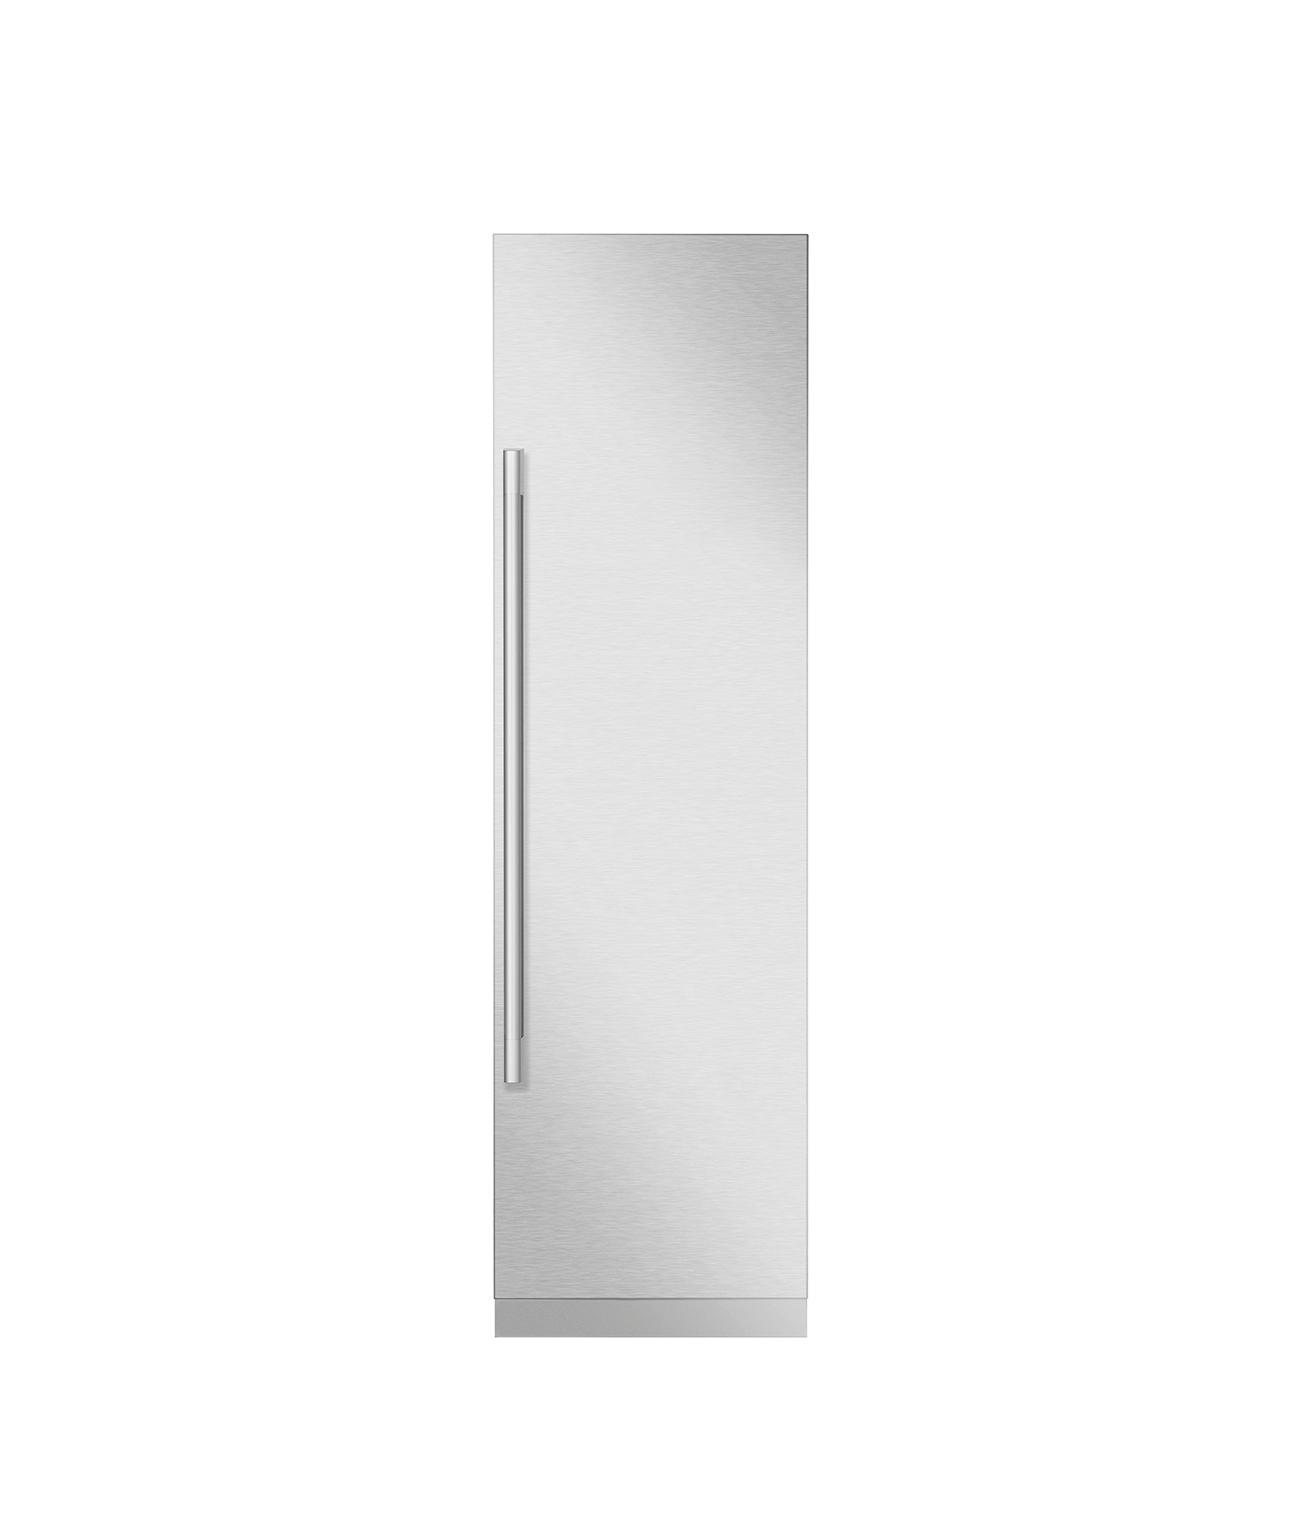 Colonne de réfrigération intégrée de 61cm (24po)